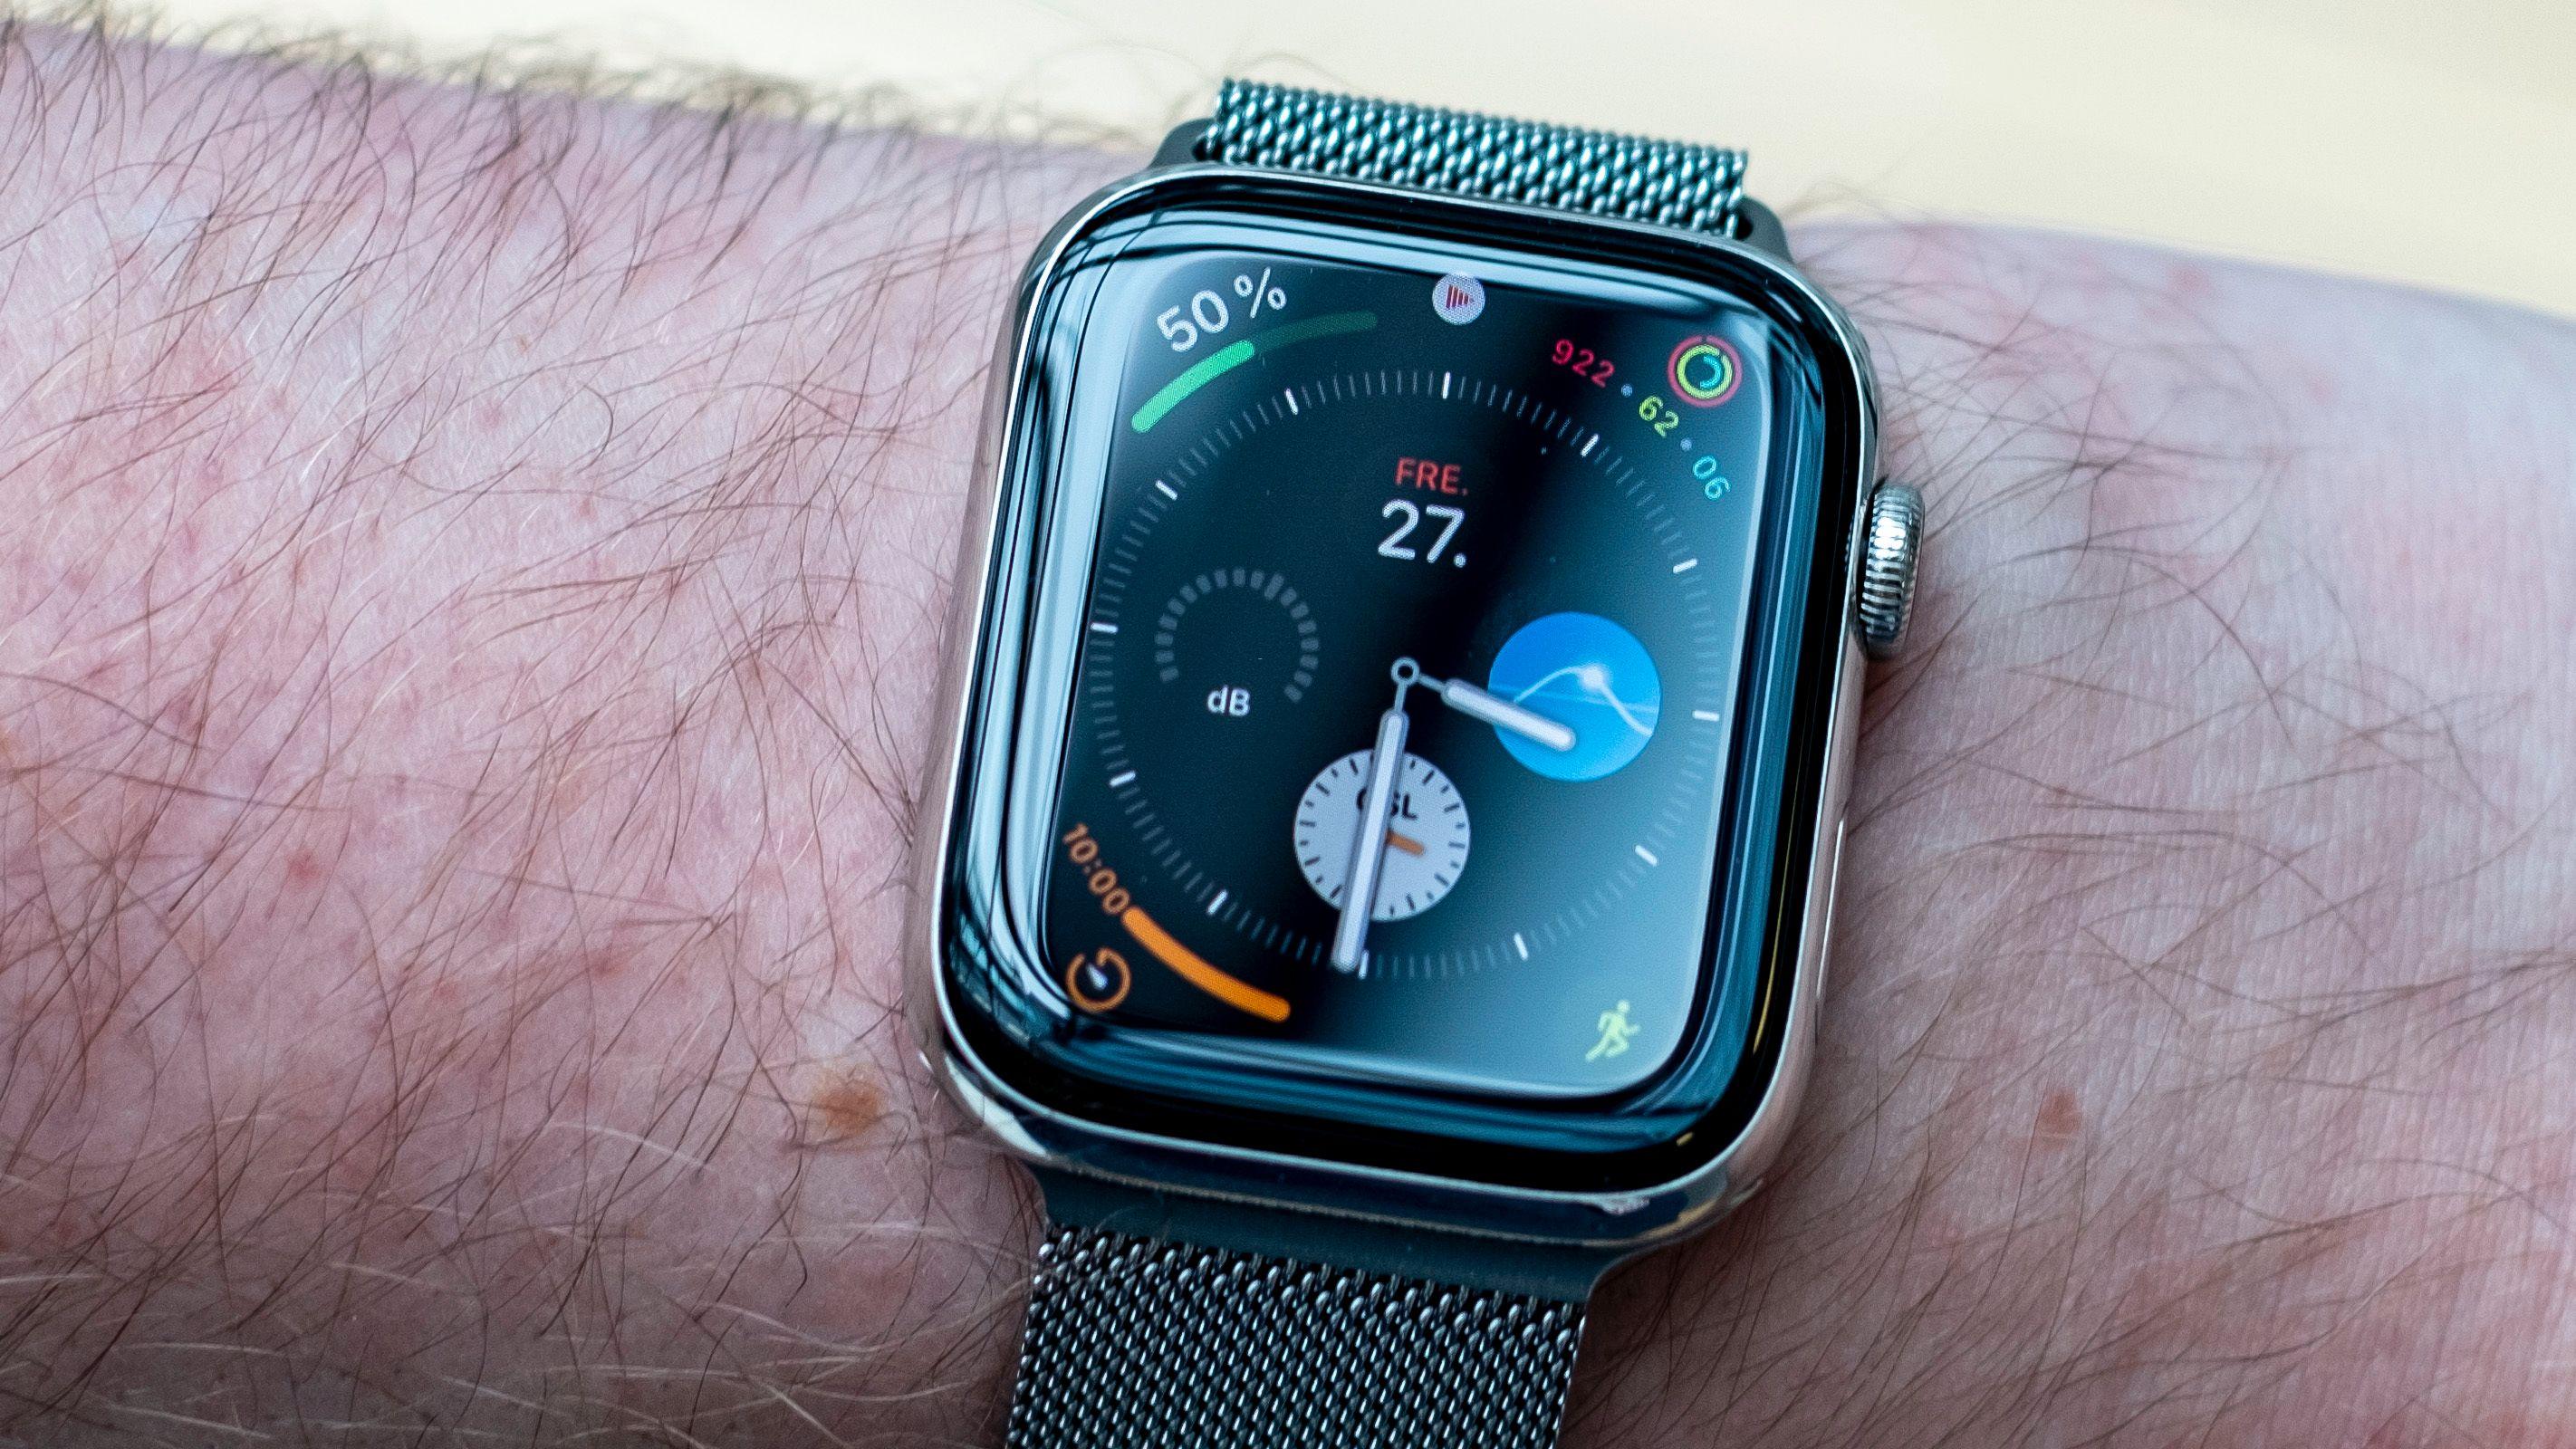 Når du senker armen igjen går det en liten stund, så skrur klokken av de lyse og mest fargerike elementene på skjermen. Sekundviseren forsvinner også.